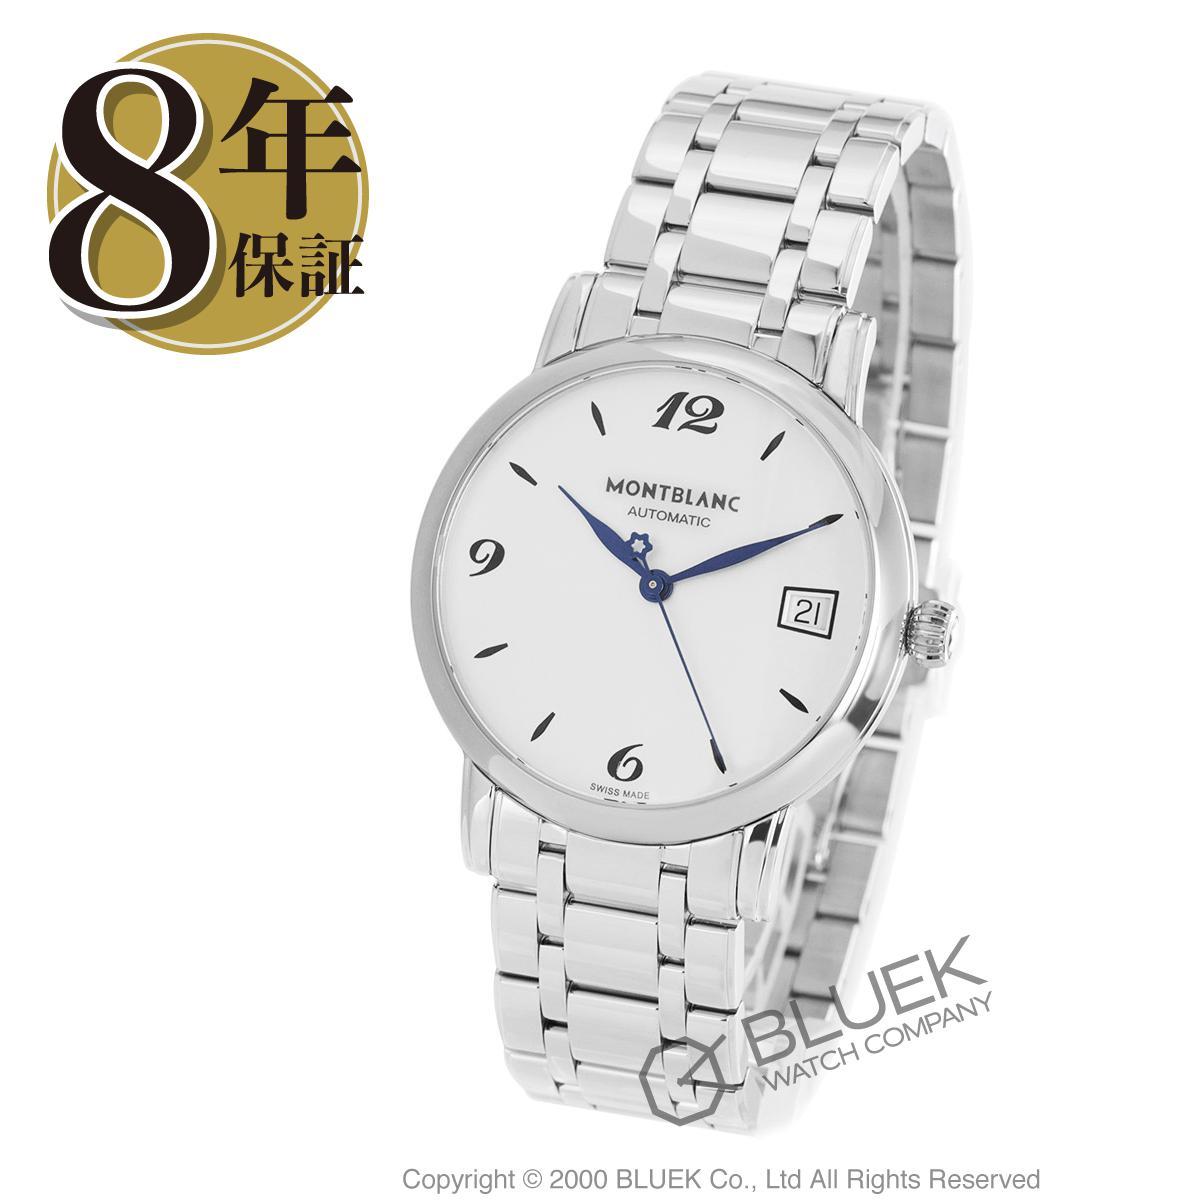 モンブラン スター クラシック 腕時計 レディース MONTBLANC 111591_8